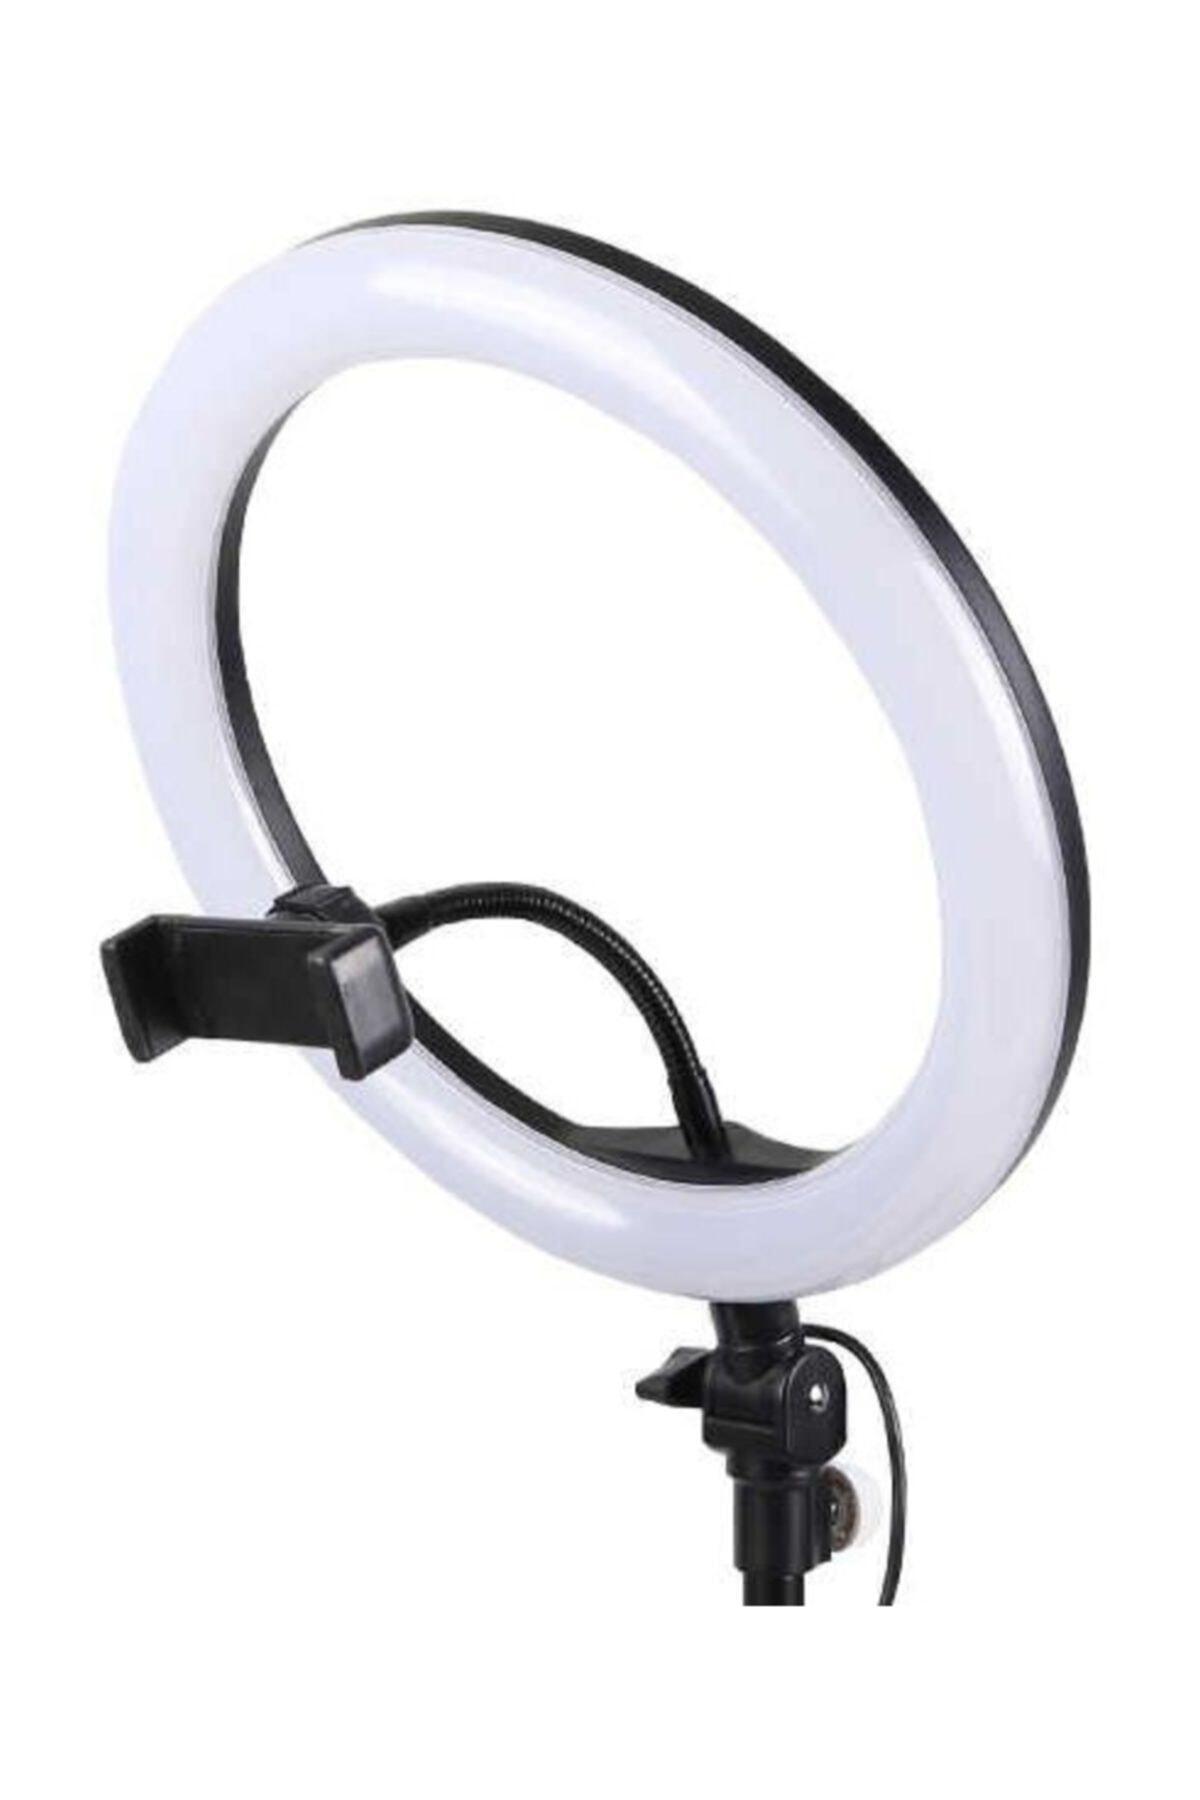 whitetech 10 Inç Youtuber Video Oda Çekimleri Için Ring Light Sürekli Beyaz Led Işık Halka Led Lamba 1